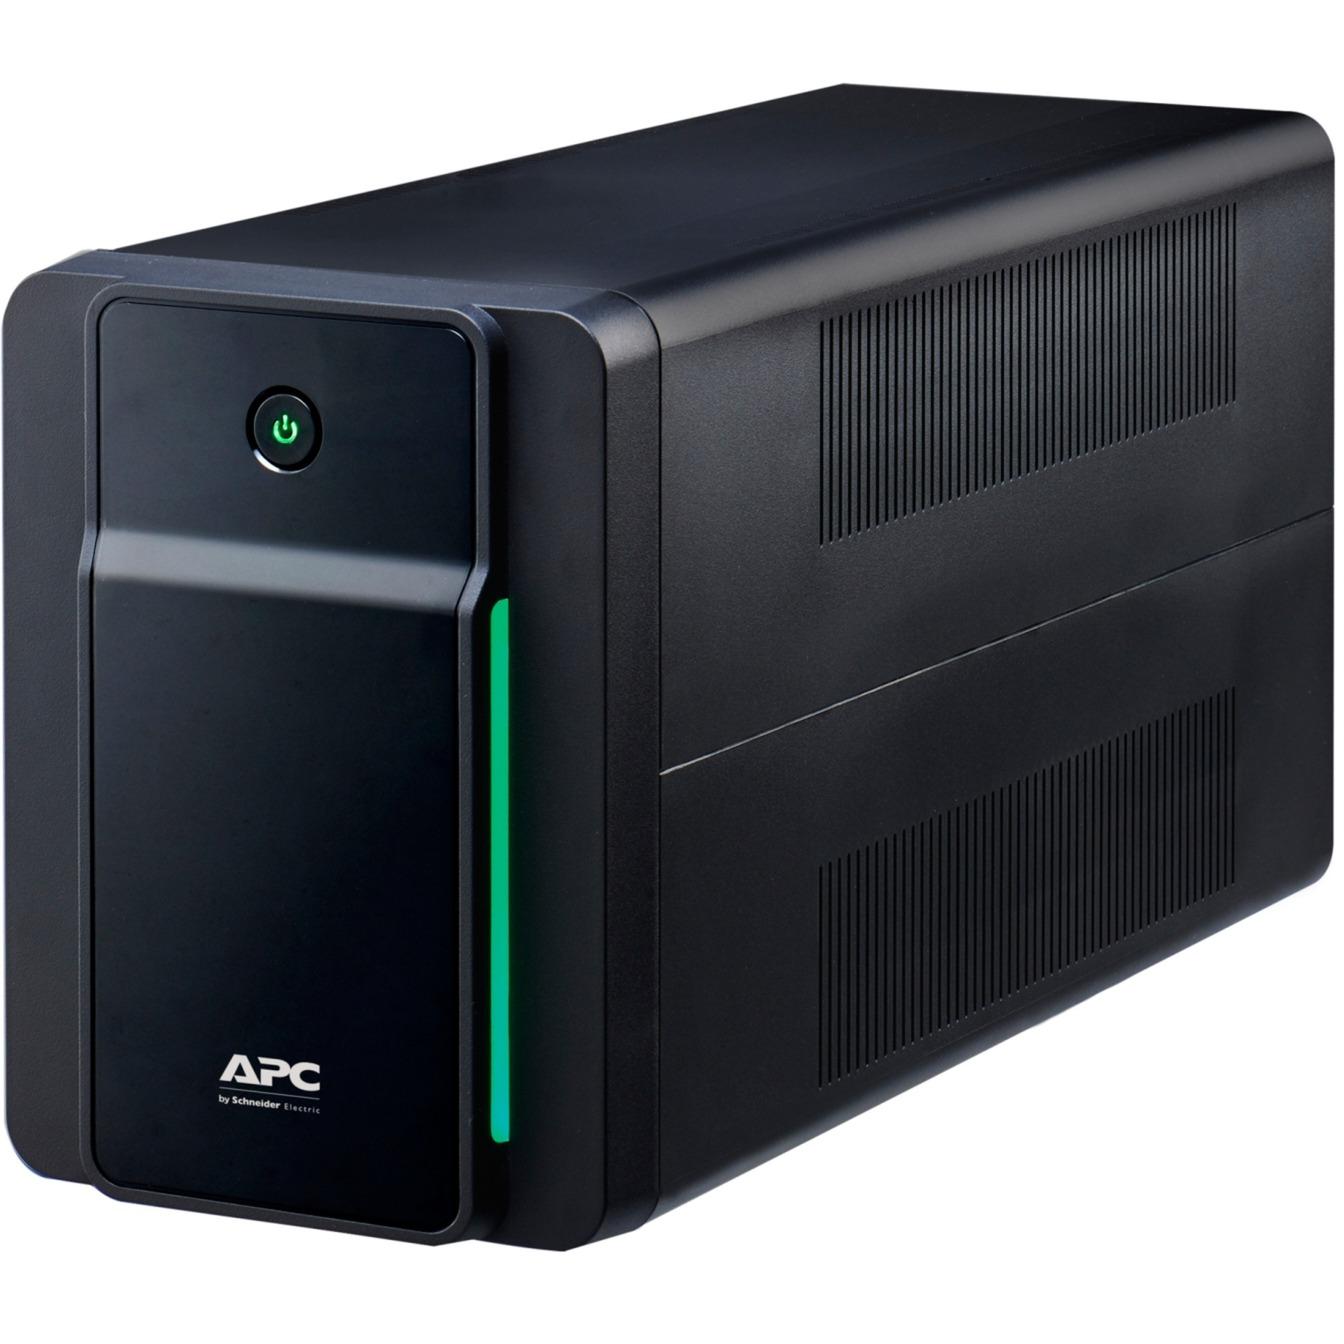 Image of APC Easy UPS BVX 1600VA, 230V, AVR, Schutzkontakt Sockets, USV